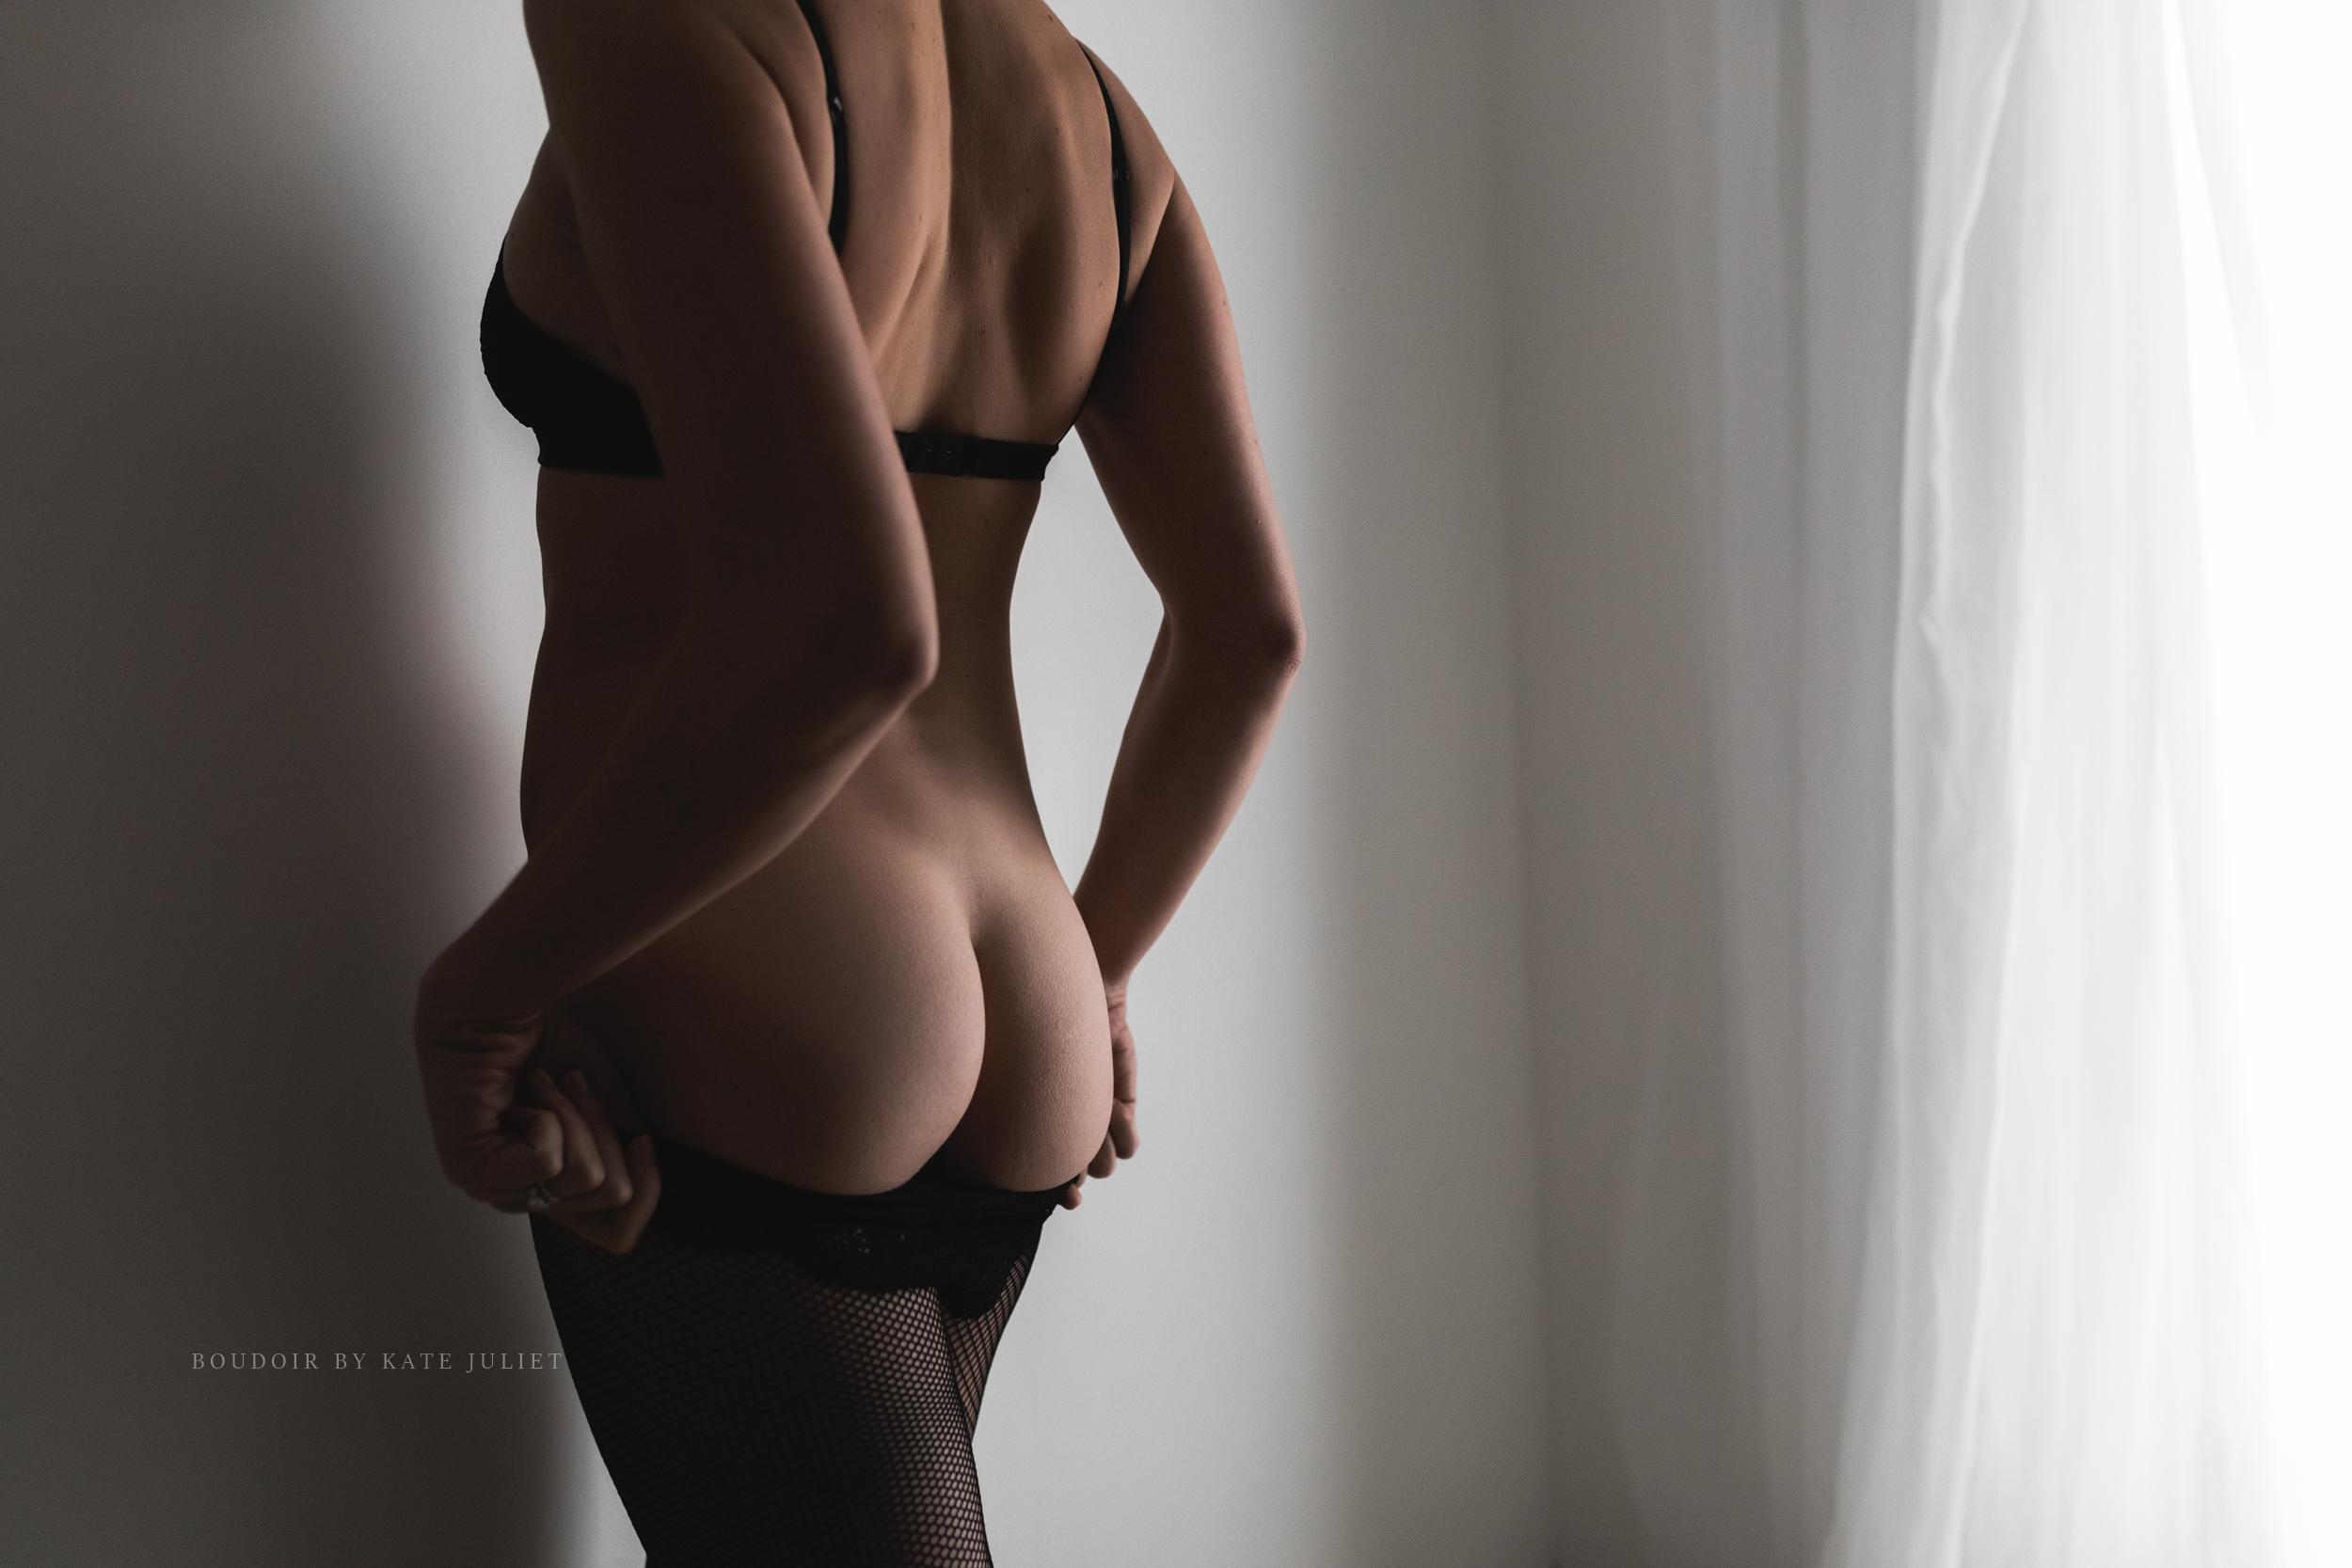 boudoir_by_kate_juliet_web-1-12.jpg